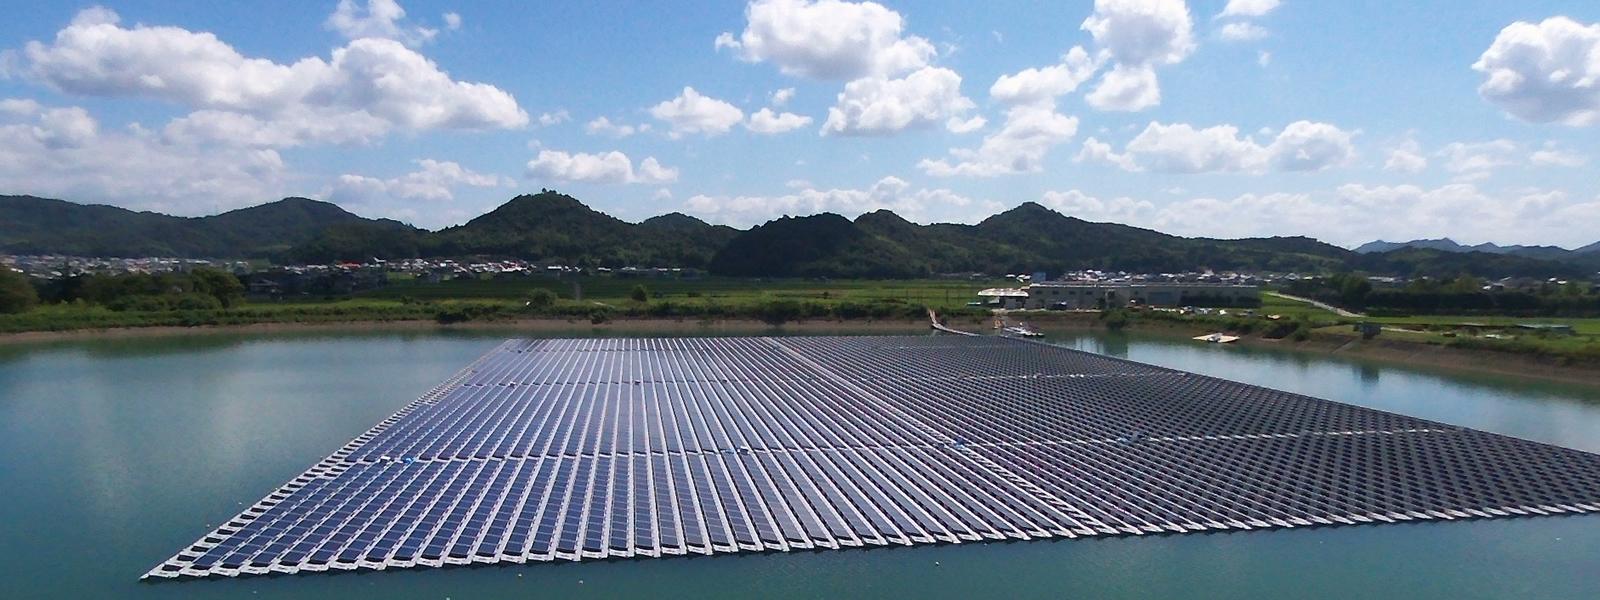 河原山池水上太陽光発電所(兵庫) - 画像はシエルテール社より提供